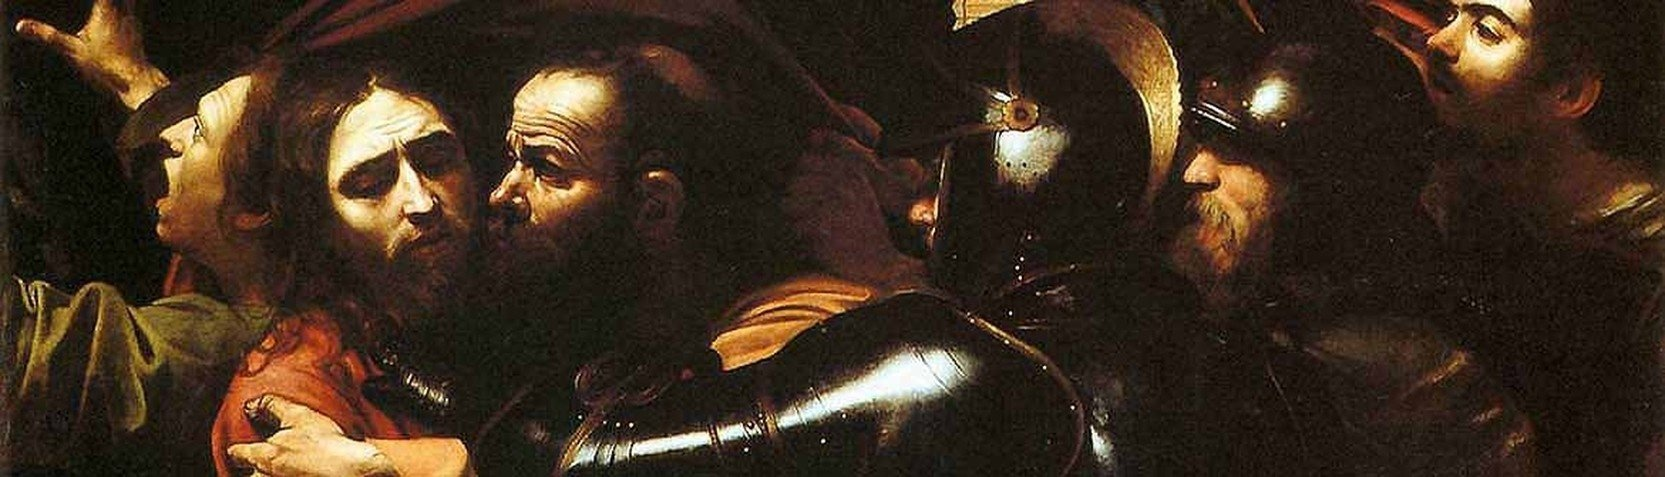 Artyści - Michelangelo Caravaggio